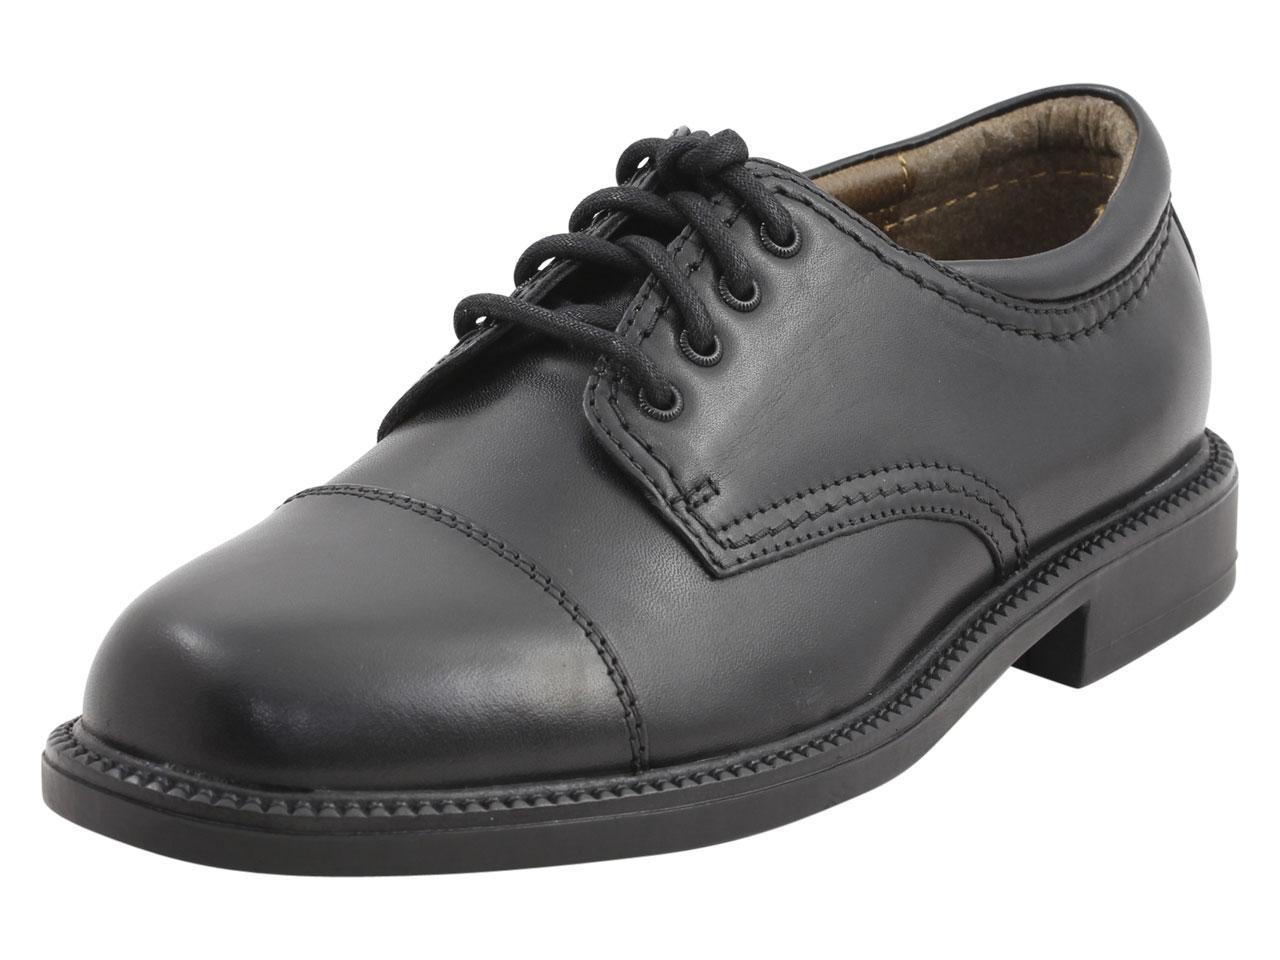 Image of Dockers Men's Gordon Cap Toe Oxfords Shoes - Black - 10.5 D(M) US